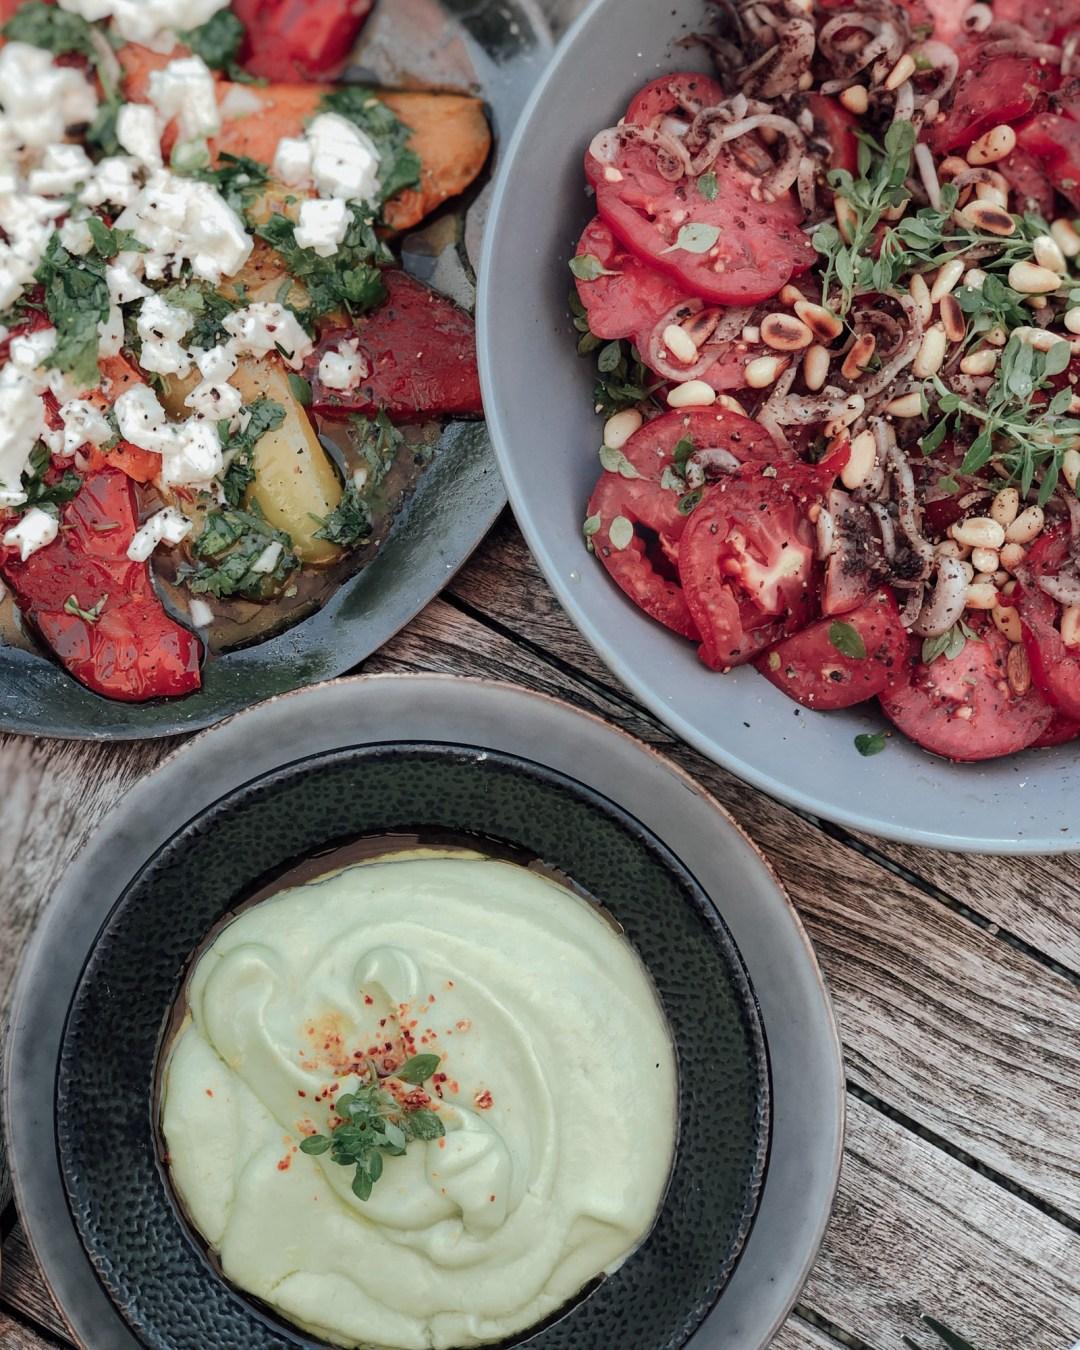 inastil, Tomaten, Tomatoes, Tomatensalat, Vorspeise, Antipasti, Tomatenernte, Sumach-3